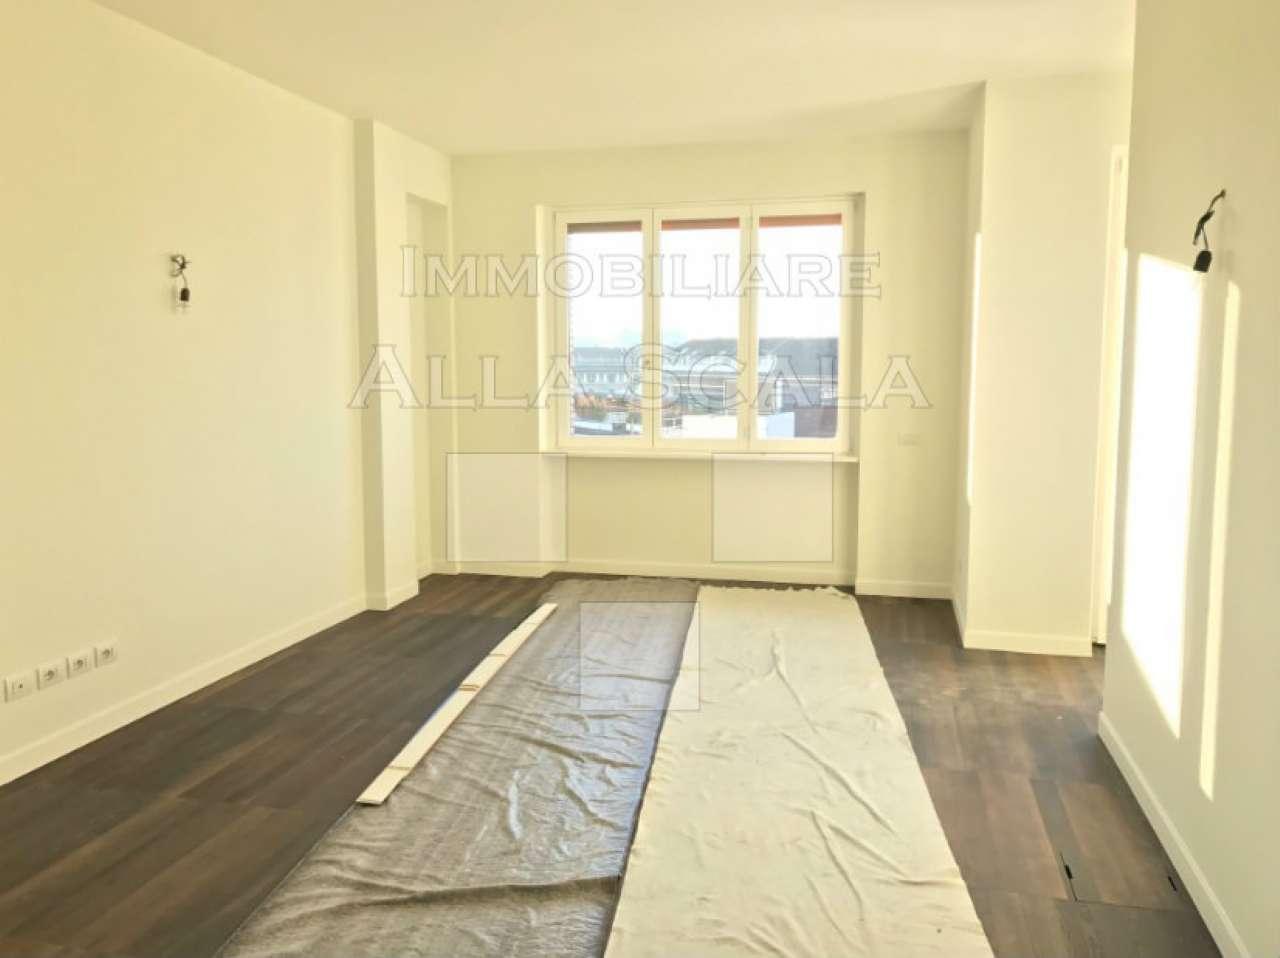 Appartamento in Affitto a Milano 01 Centro storico (Cerchia dei Navigli): 4 locali, 120 mq